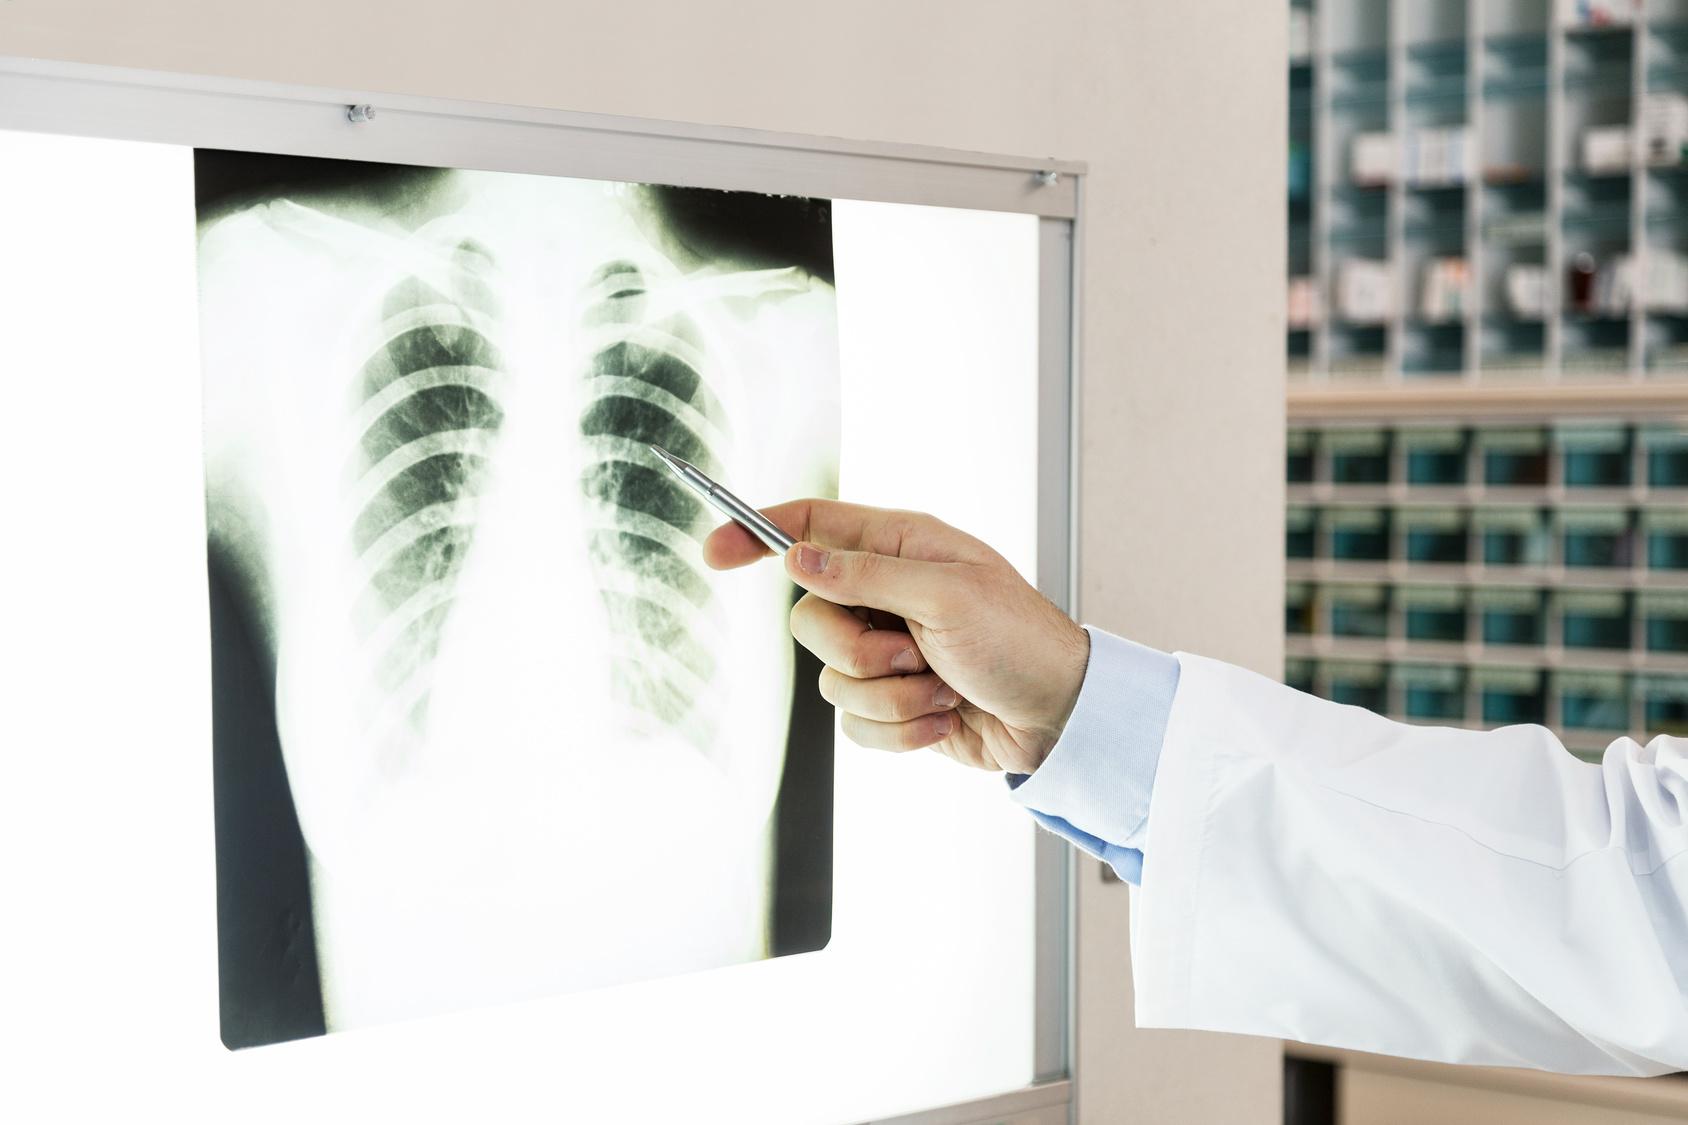 胸部レントゲン検査(胸部X線検査)で異常な影がみられた時は….